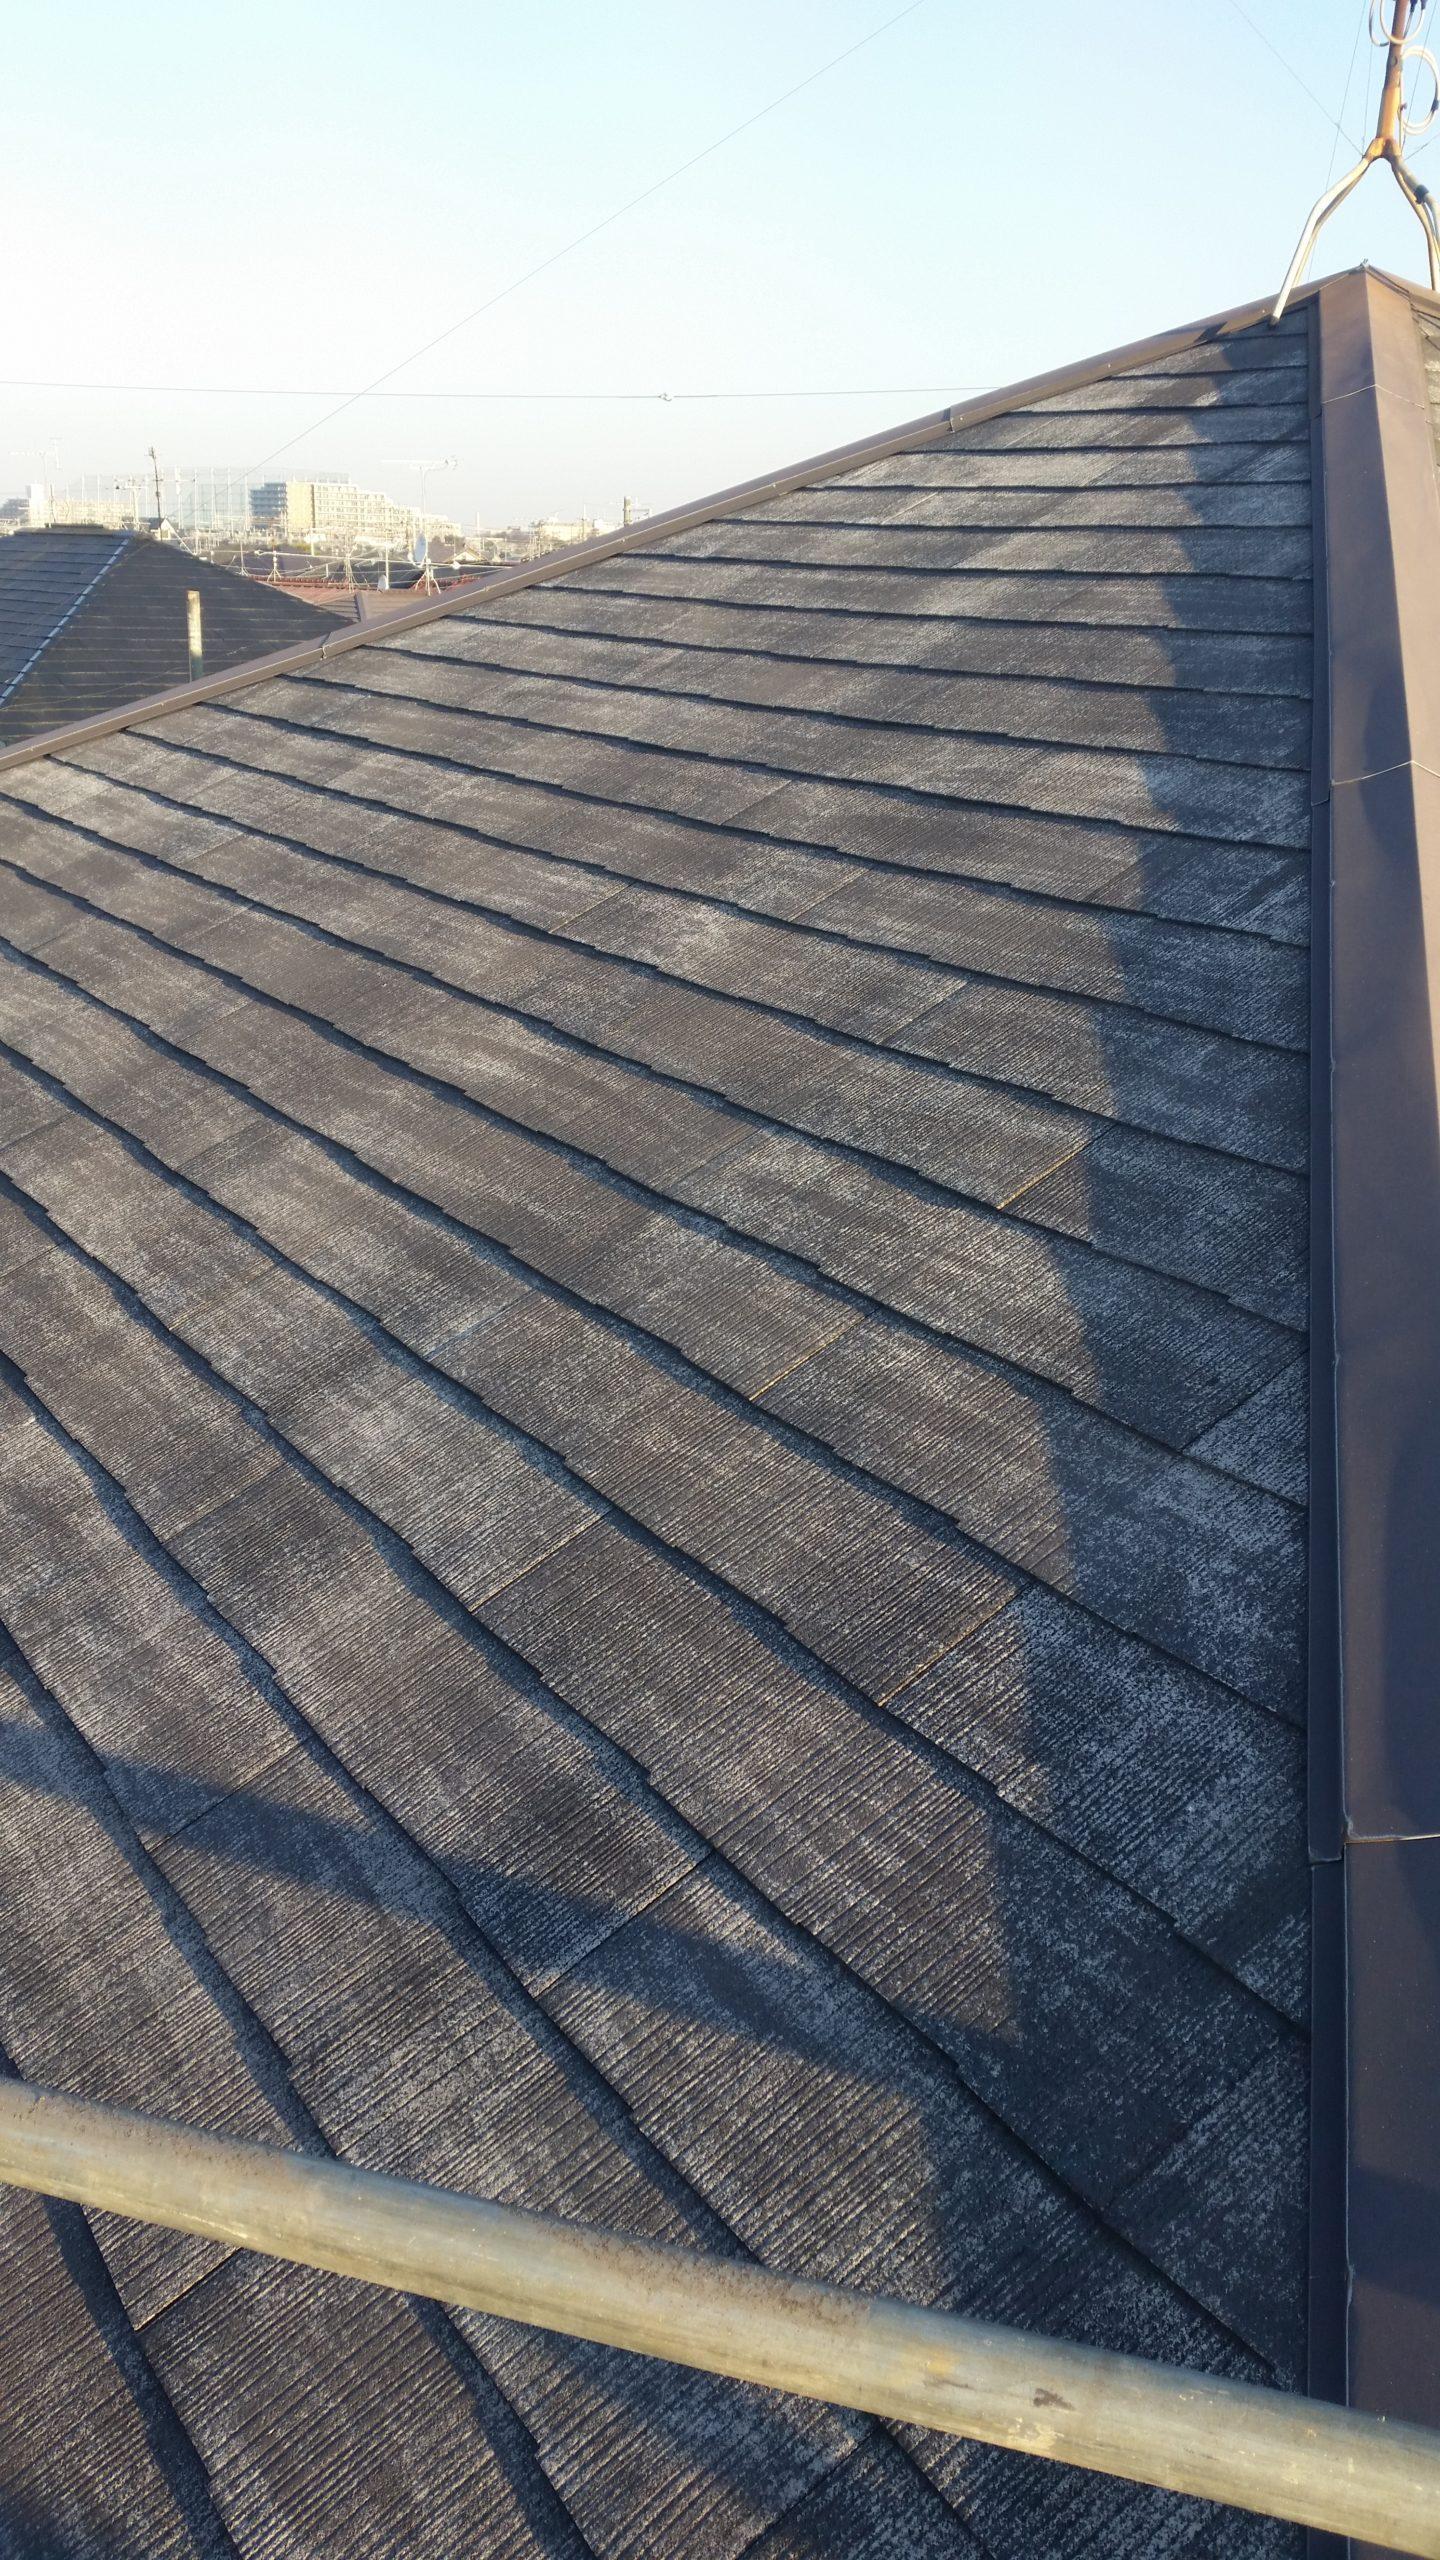 神奈川県川崎市外壁・屋根塗装 高圧洗浄後の屋根の画像